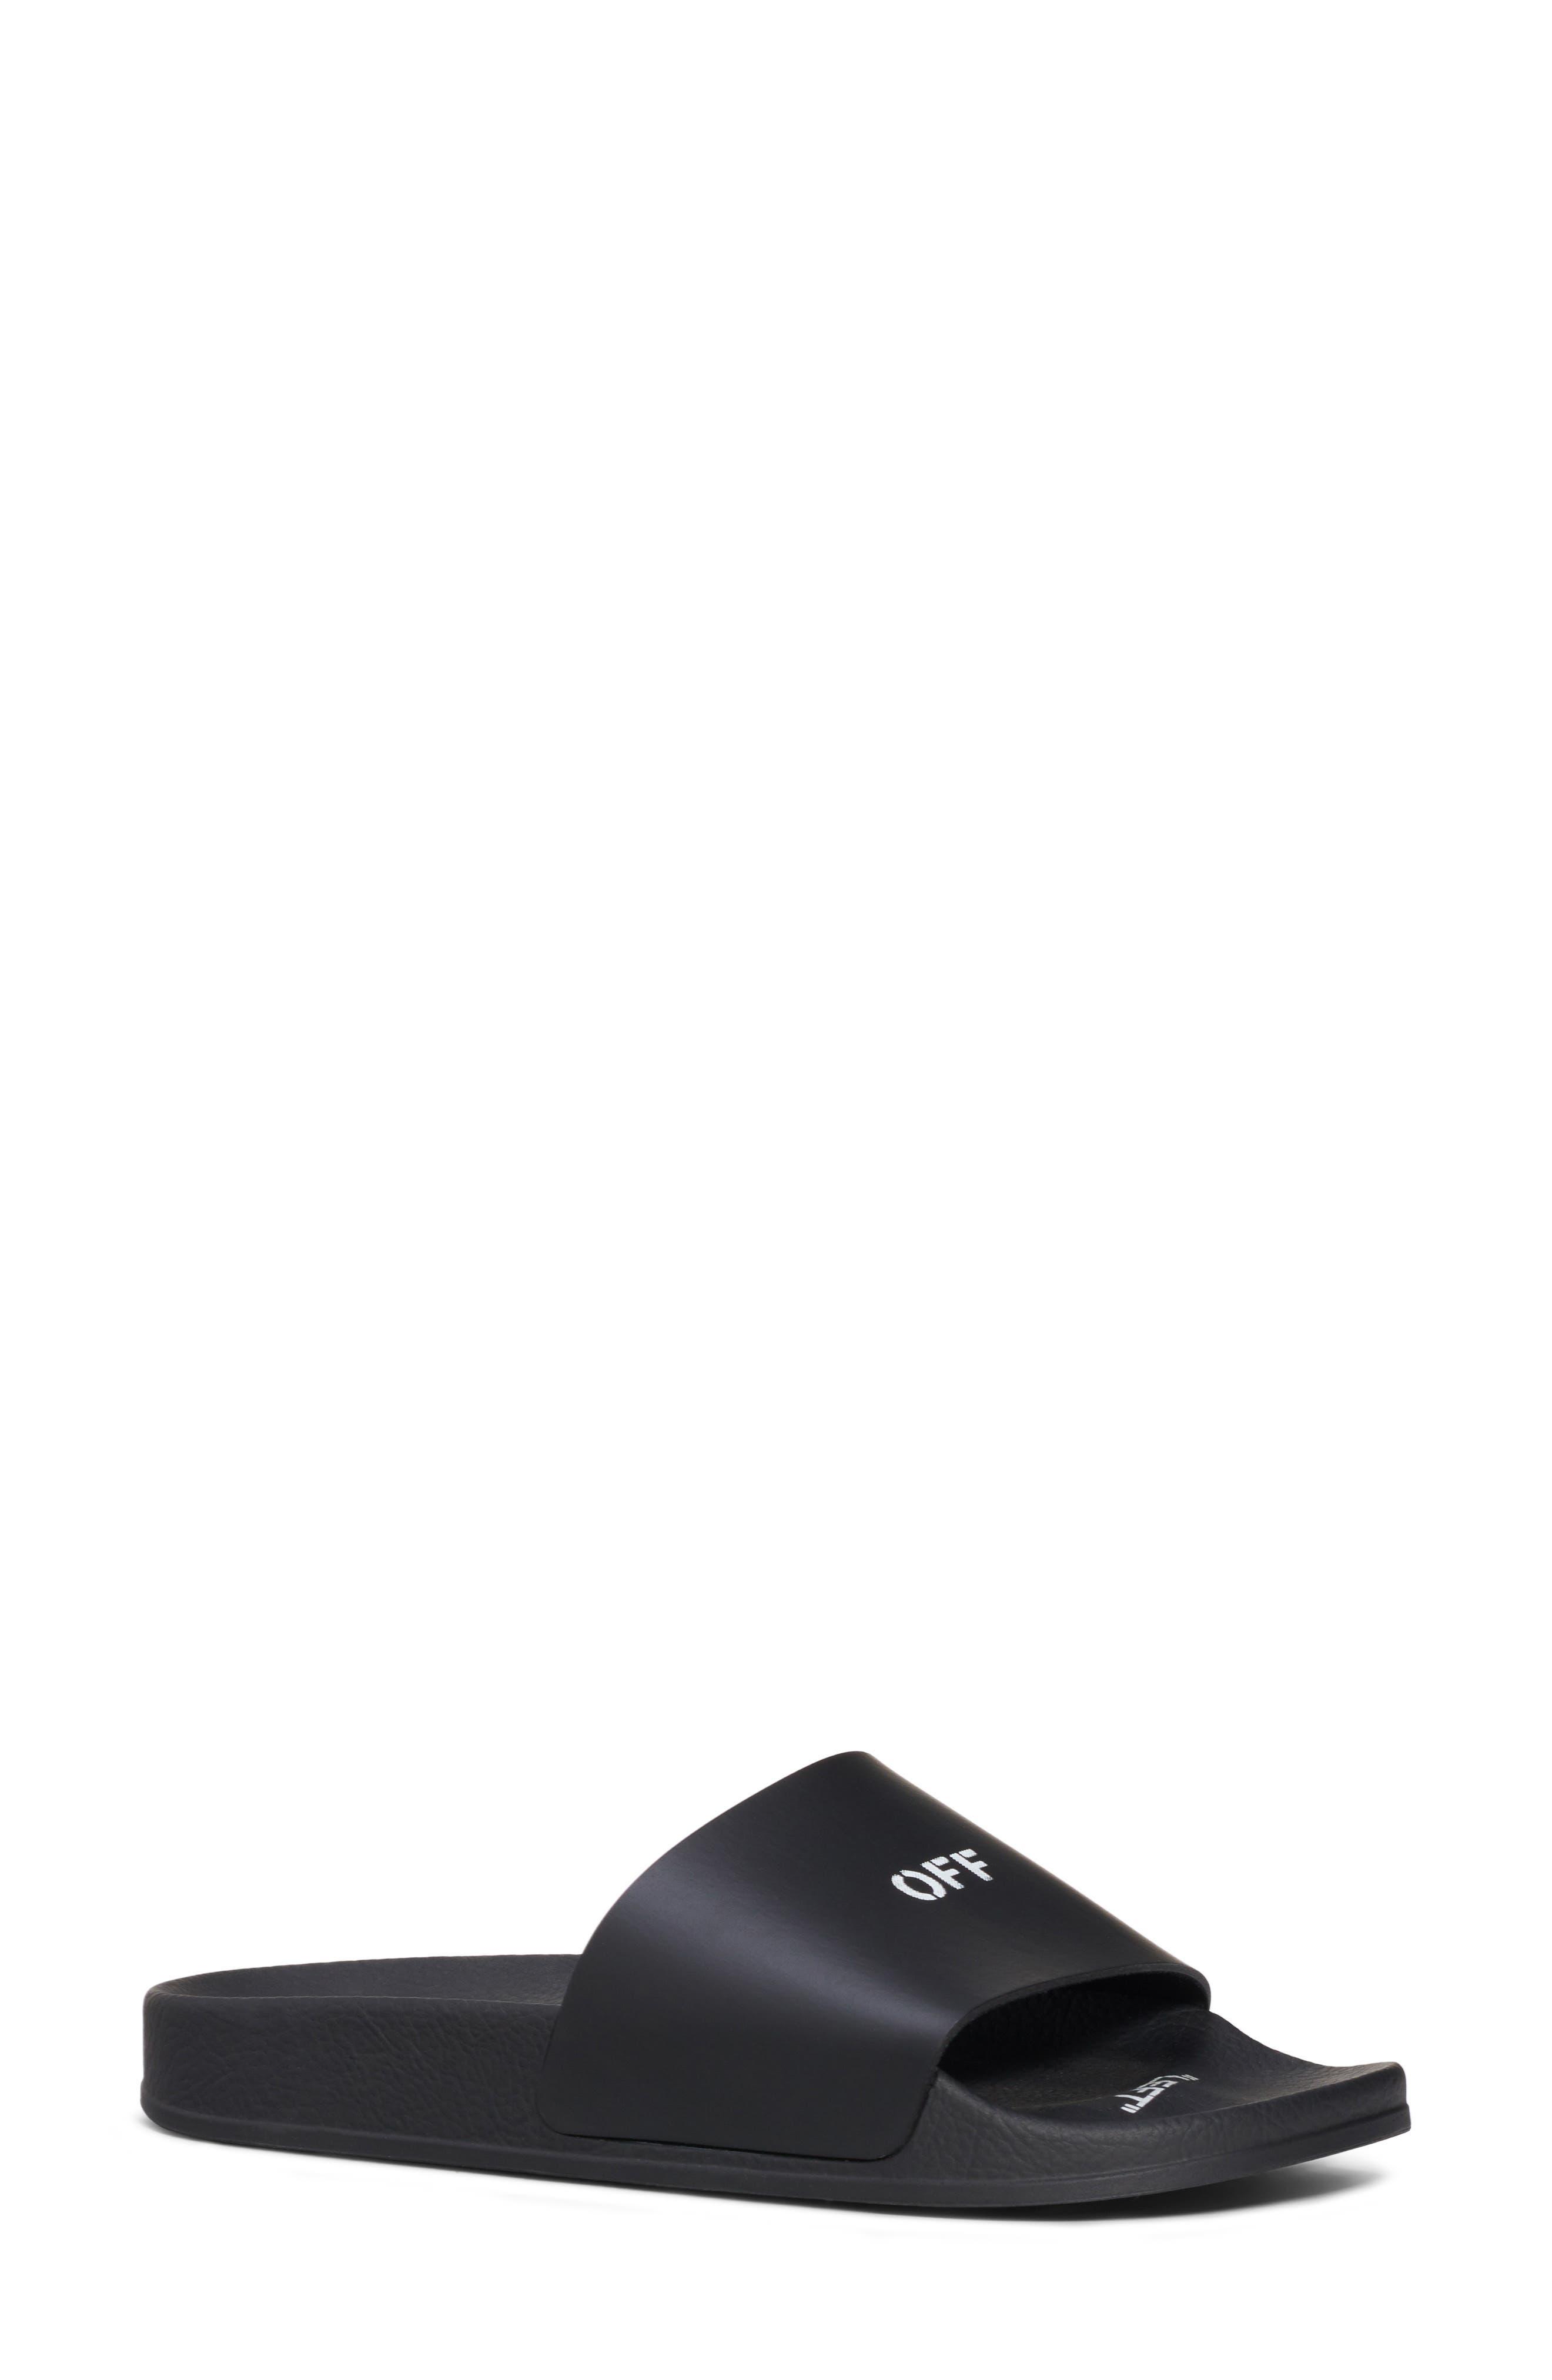 Off-White Slide Sandal (Women) | Nordstrom